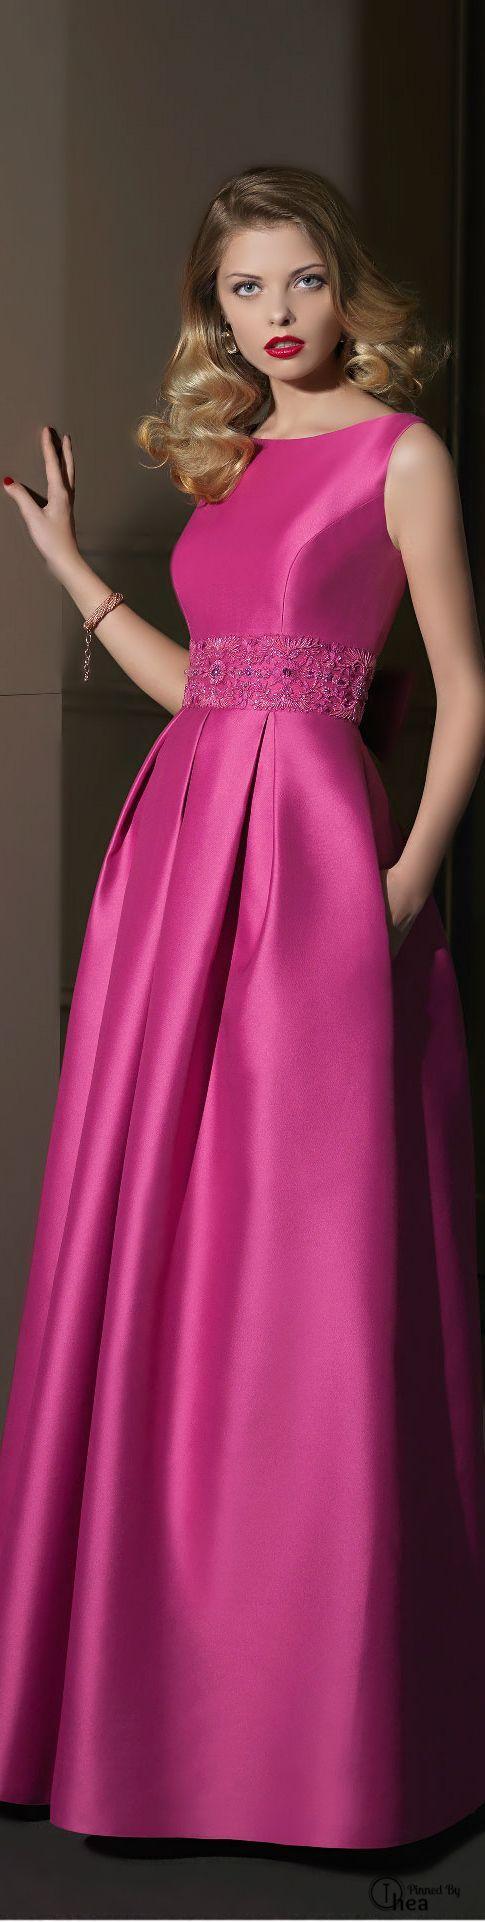 Vestidos de Fiesta 2014 para Madrinas. Nueva coleccion de diseños de ...